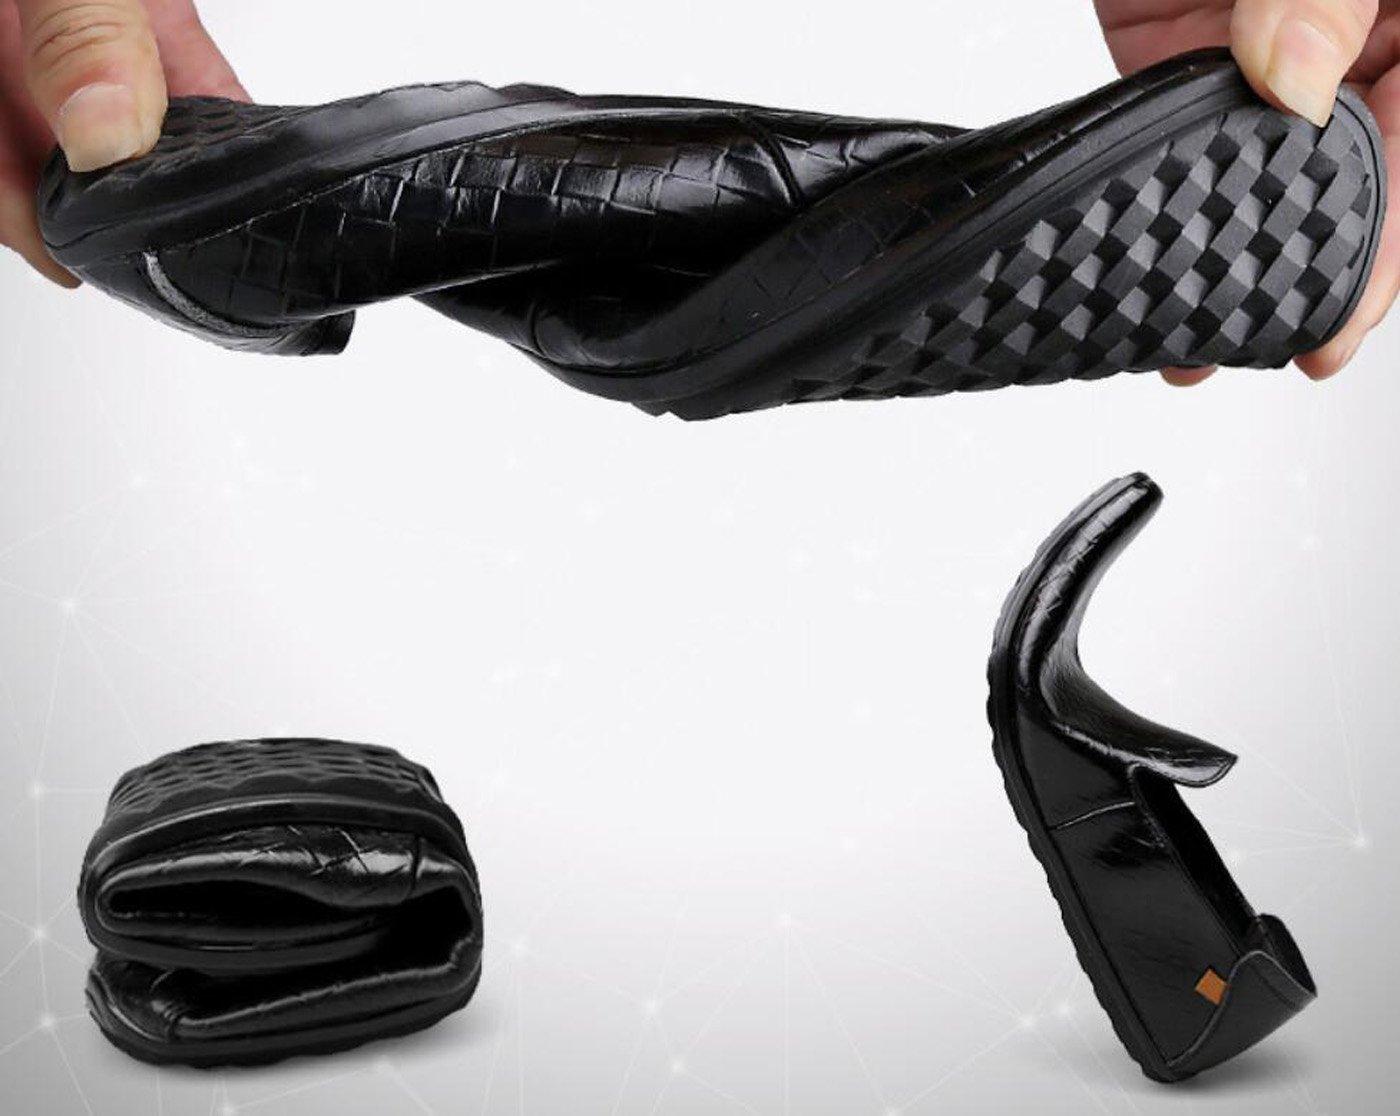 GDXH Treibende Auto der Männer schlüpfen auf zufällige Lederne Müßiggänger-Schuhe 2018 für Geschäfts-Sommer-Frühling 2018 Müßiggänger-Schuhe Formale Schuhe e4e1e2